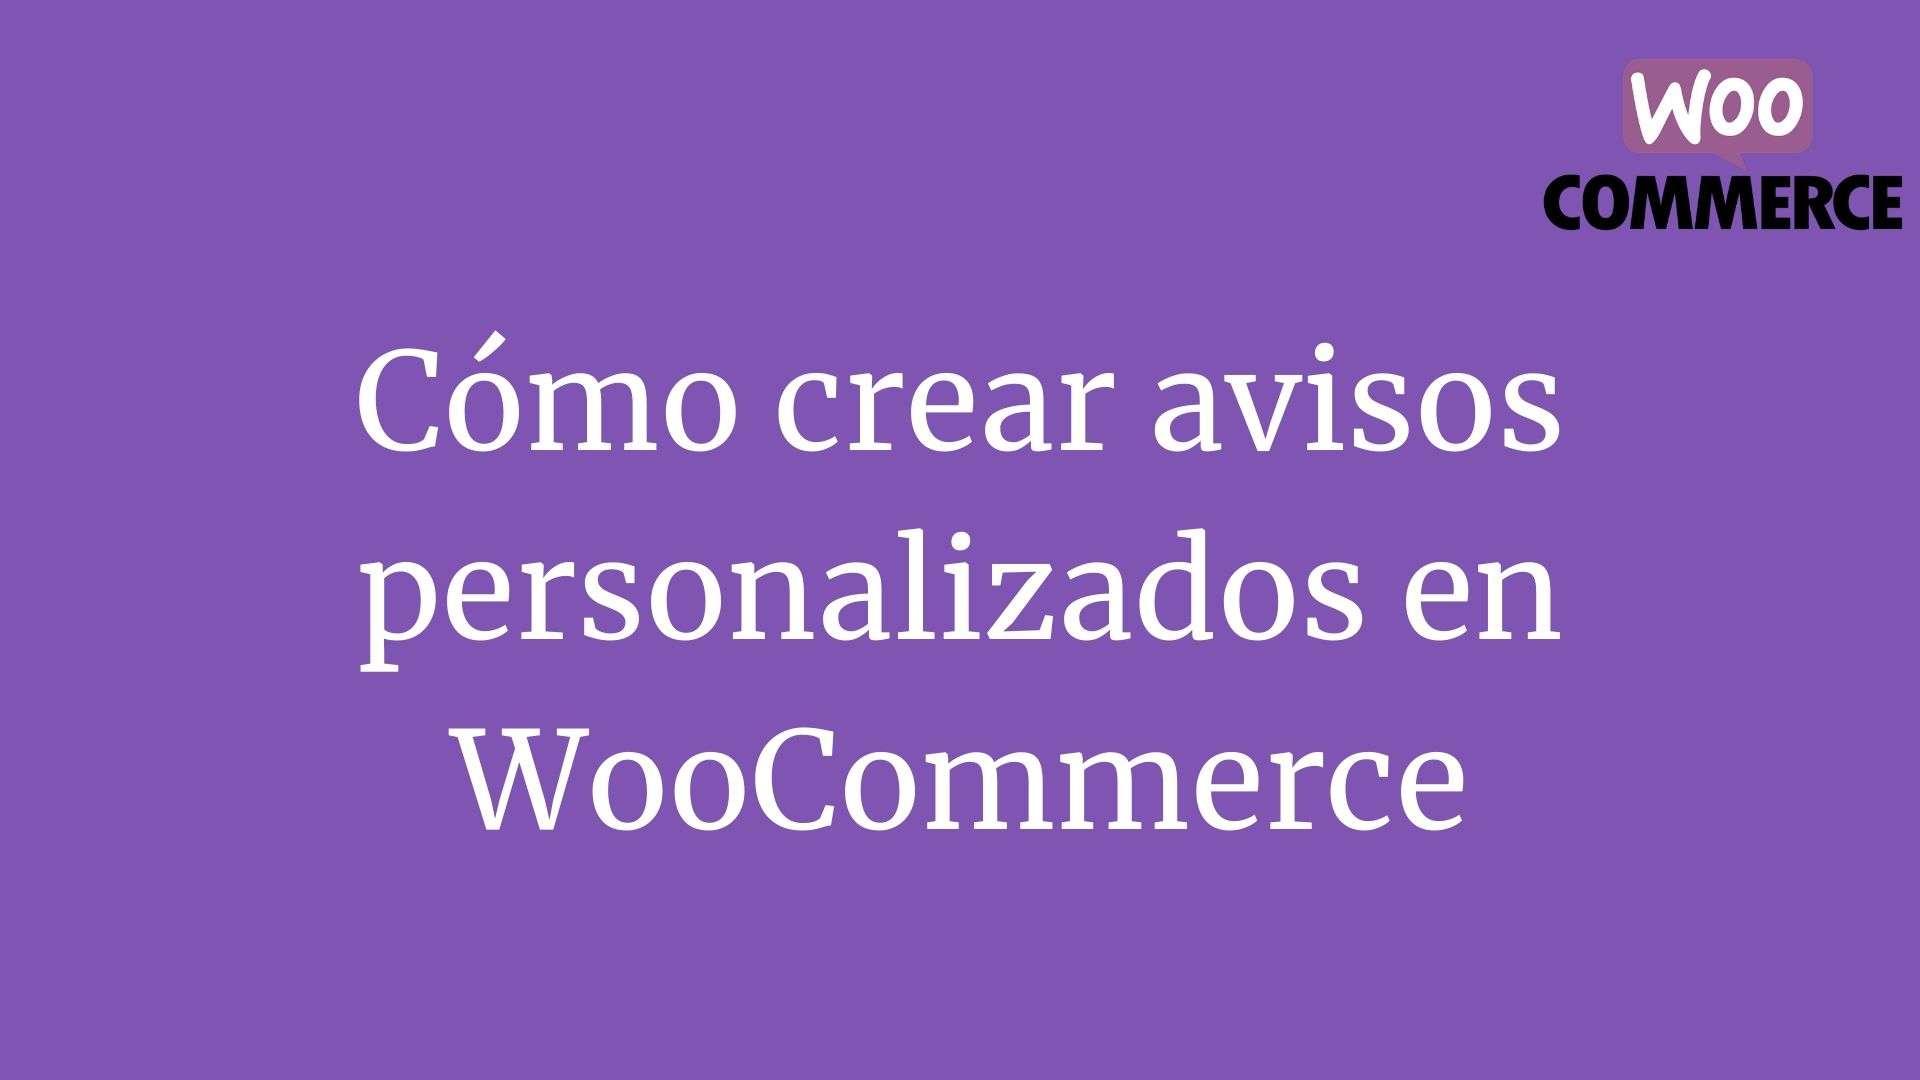 Cómo crear avisos personalizados en WooCommerce